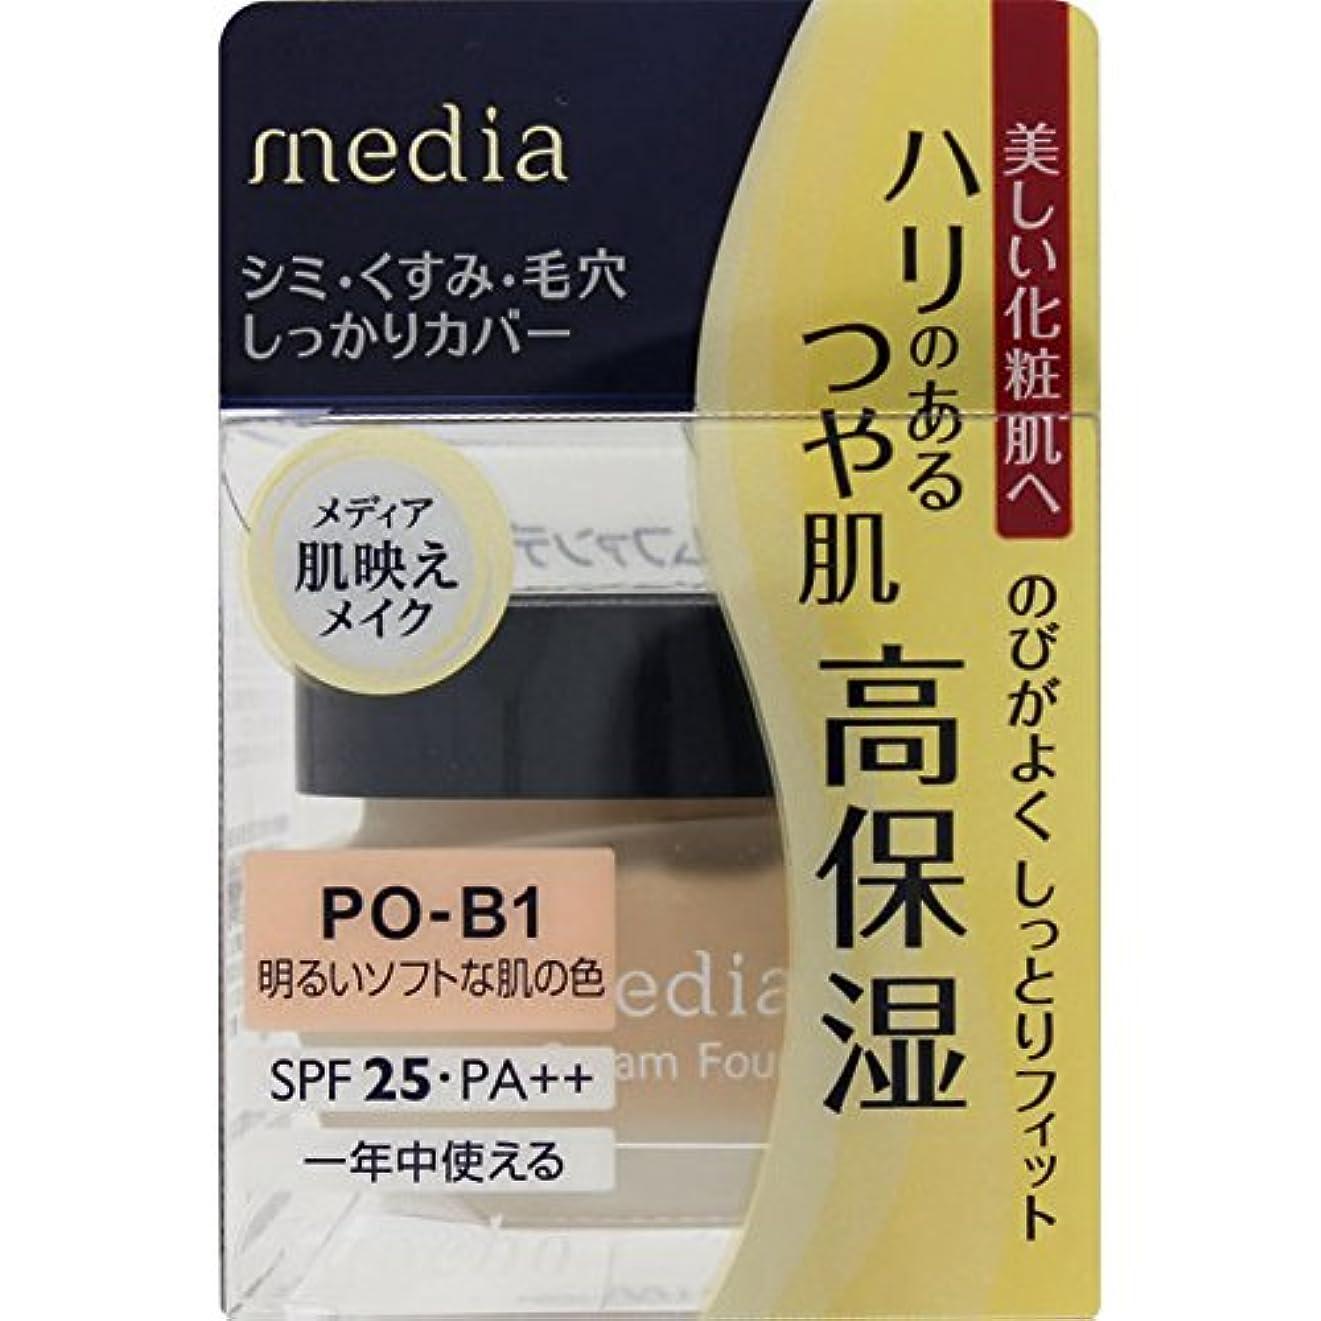 蒸あからさまインスタントカネボウ化粧品 メディア クリームファンデーション 明るいソフトな肌の色 POーB1